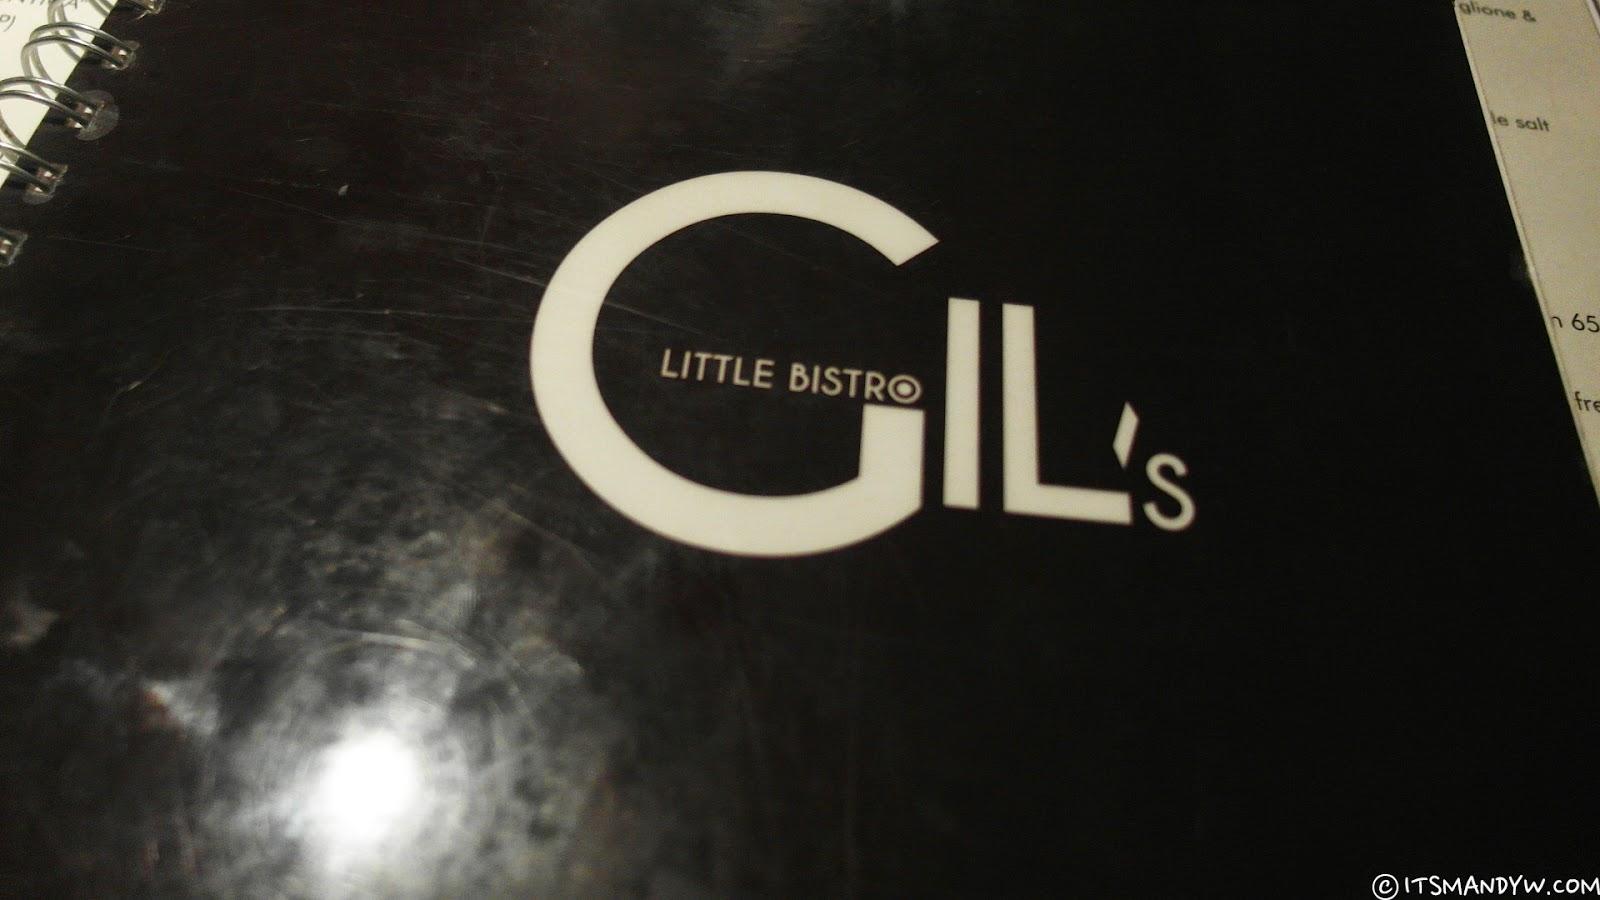 【克羅地亞】 世界盃小趣事 - Gil's Little Bistro